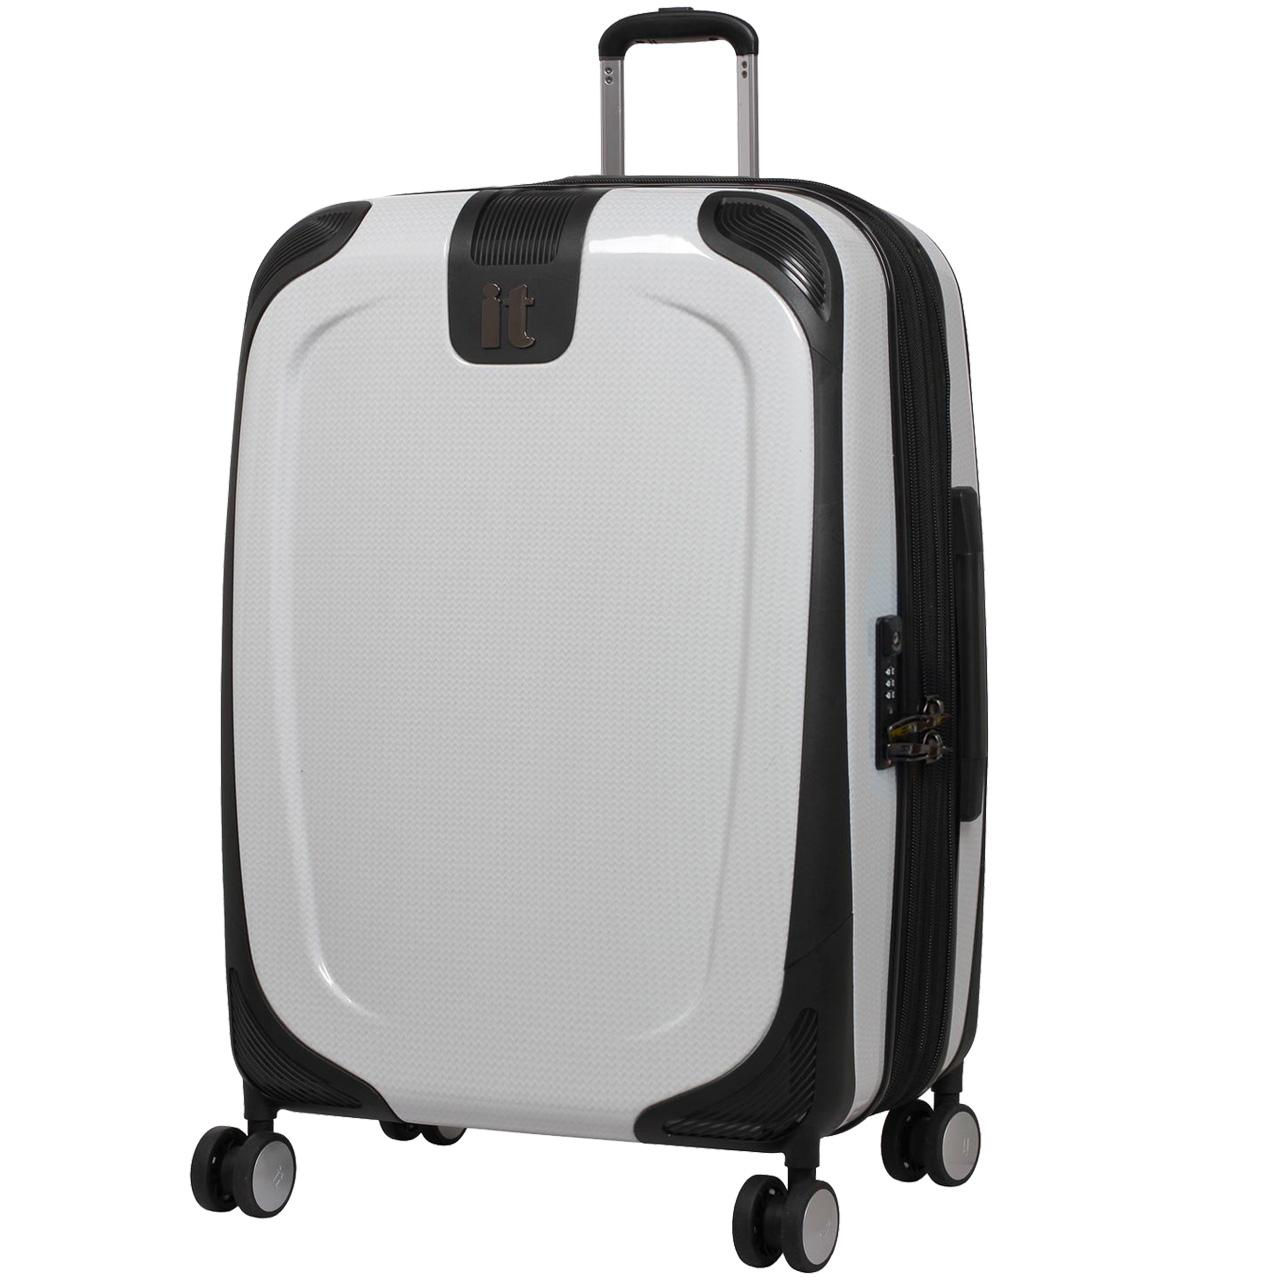 چمدان ای تی مدل heat سایز بزرگ